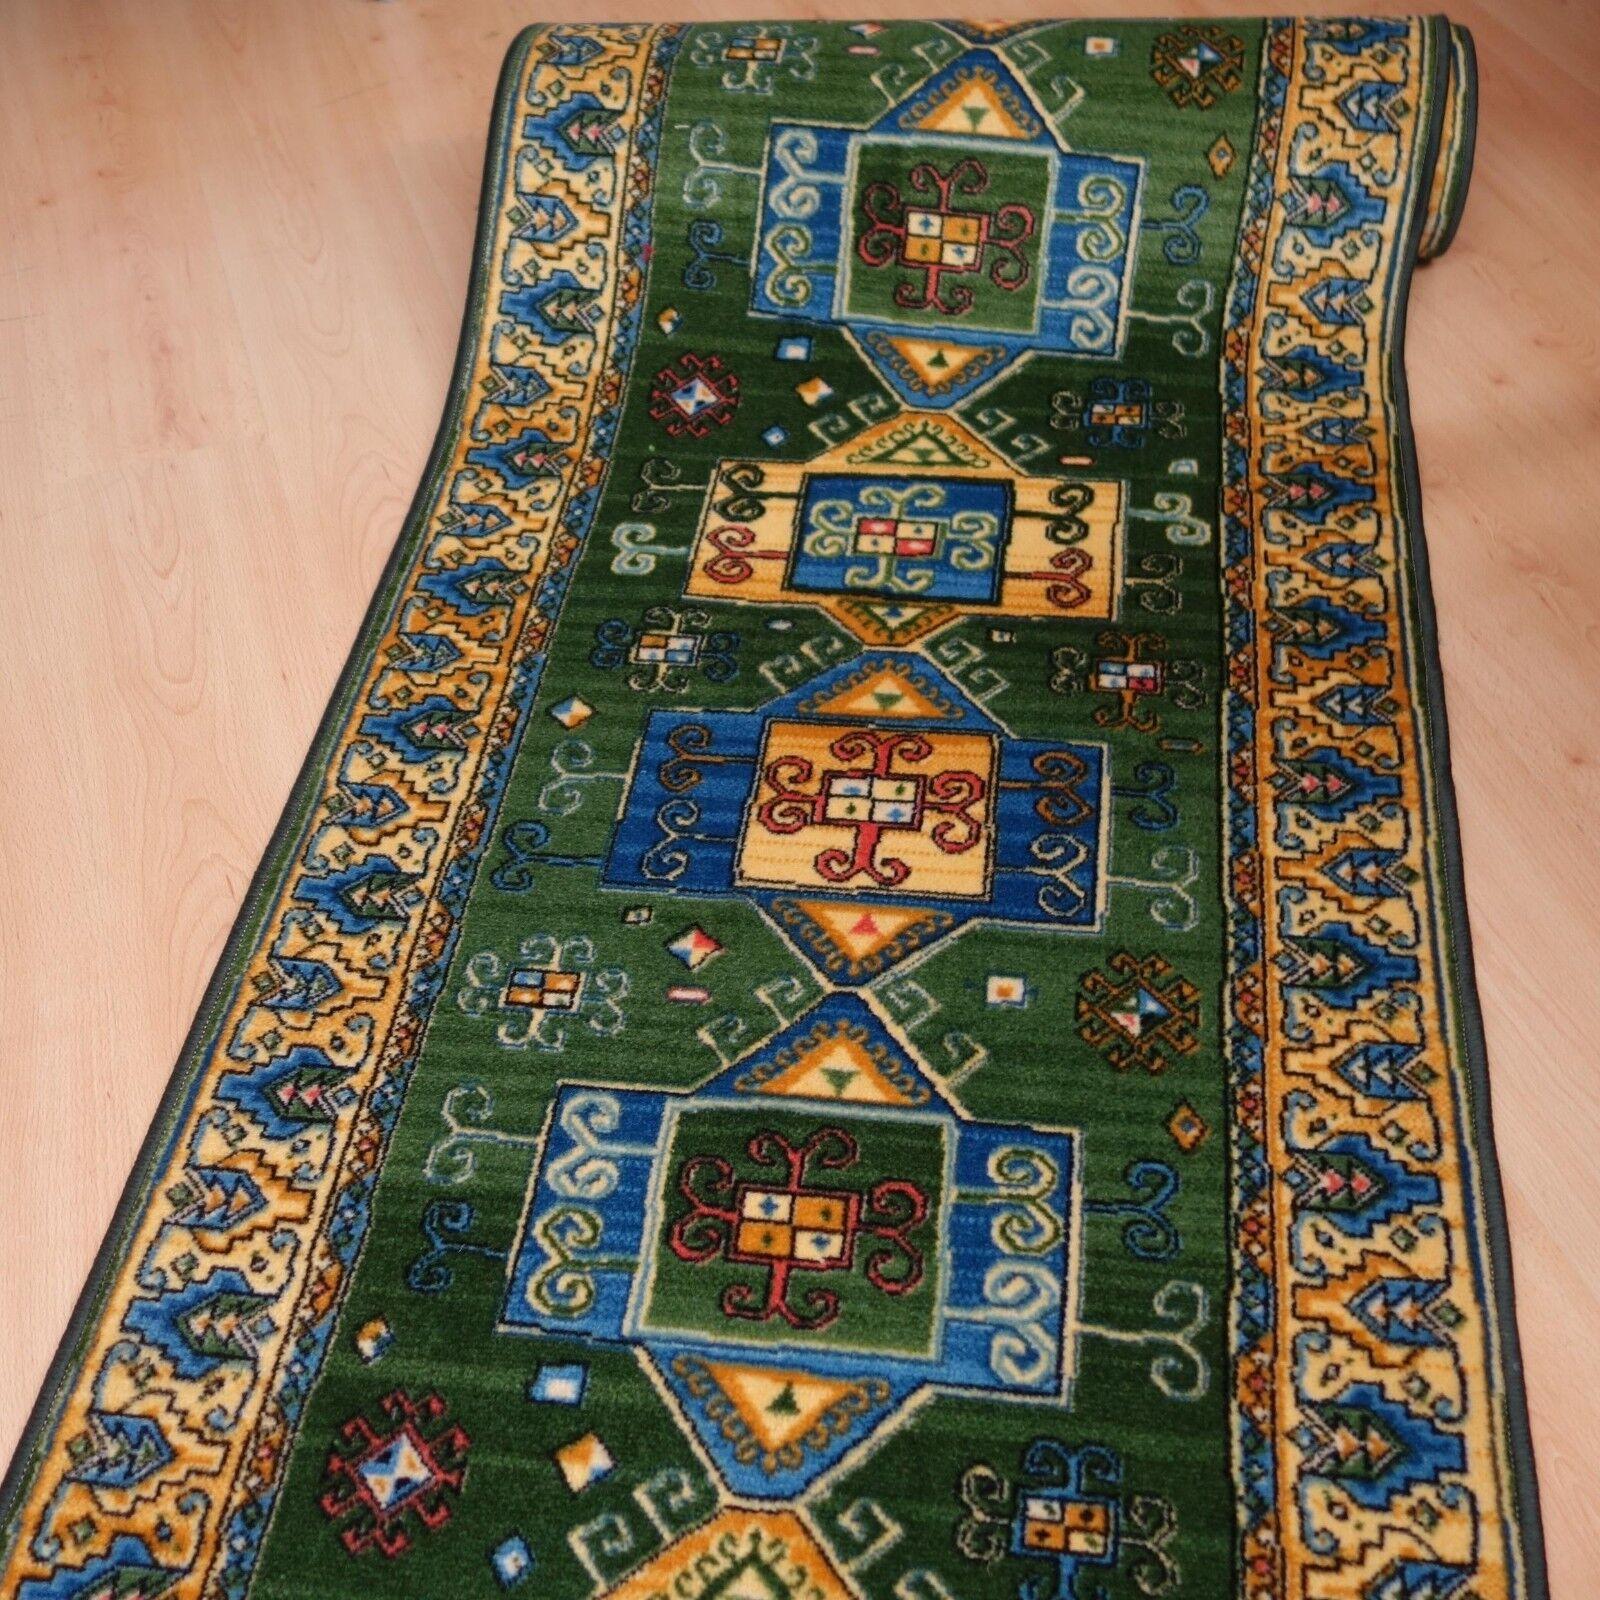 Teppich Läufer  AW Ghasgai Grün  95x200 cm Velours NEU B Ware | Konzentrieren Sie sich auf das Babyleben